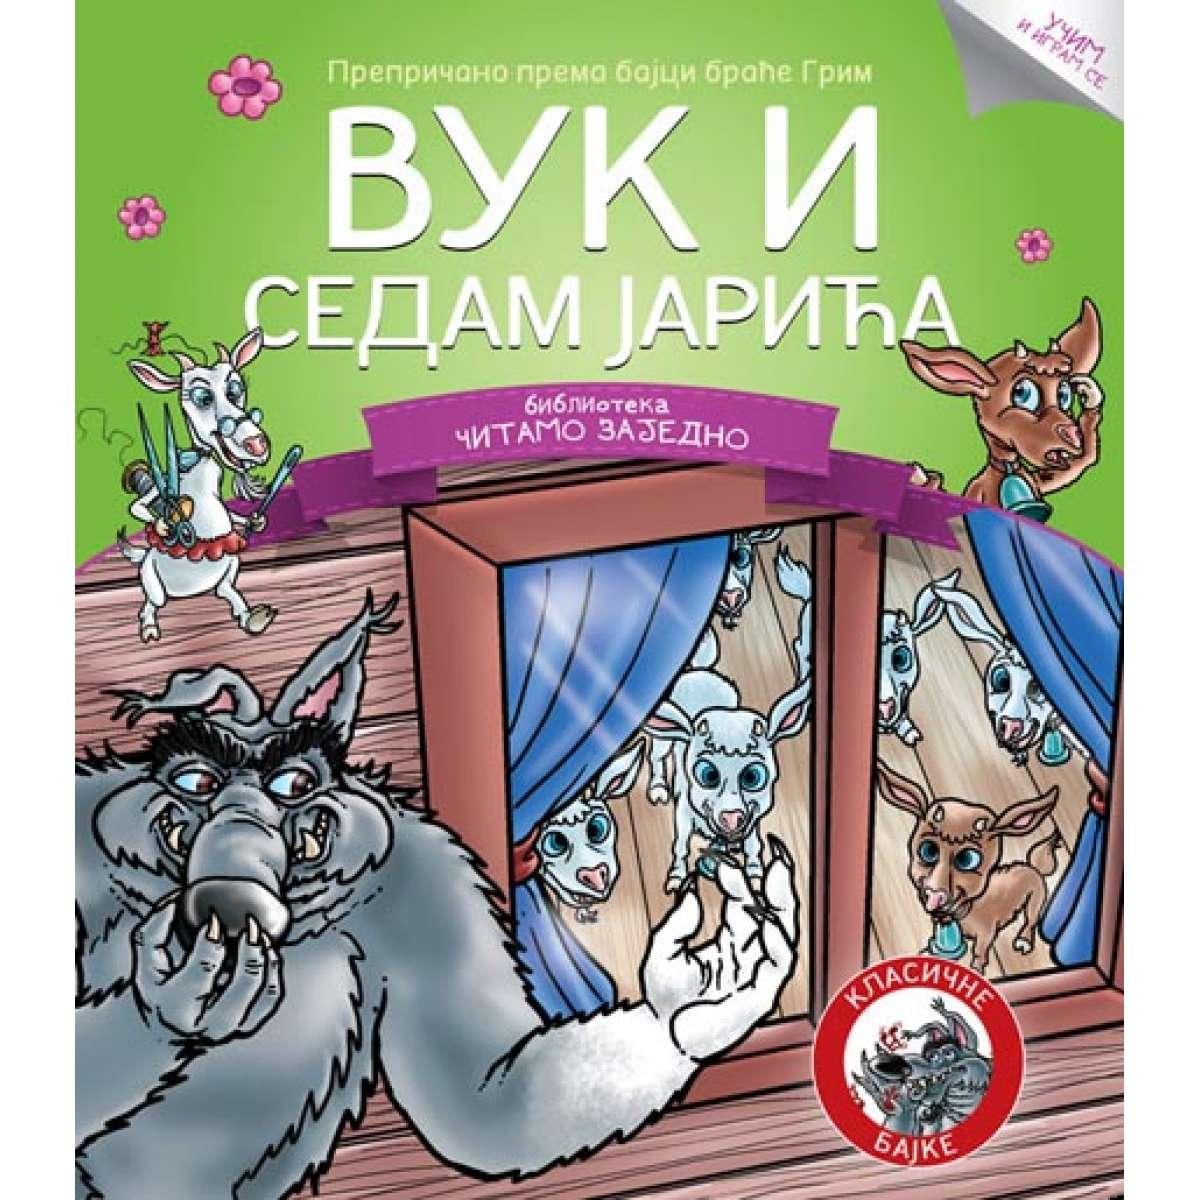 Čitamo zajedno - VUK I SEDAM JARIĆA